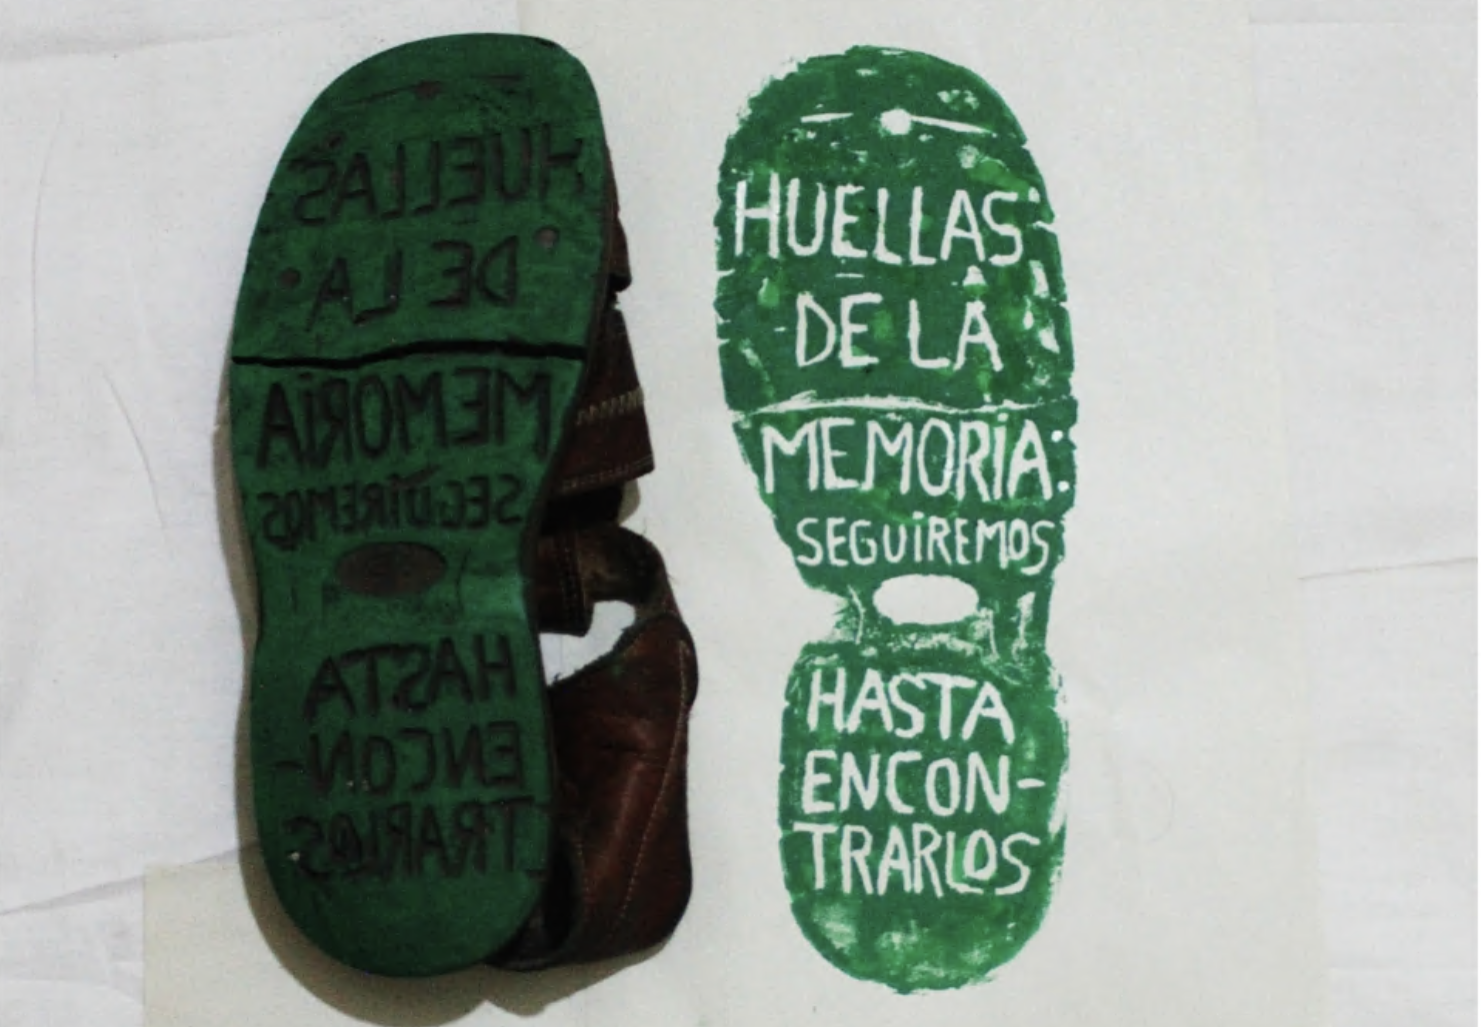 Images of 'Hellas de la Memoria' print